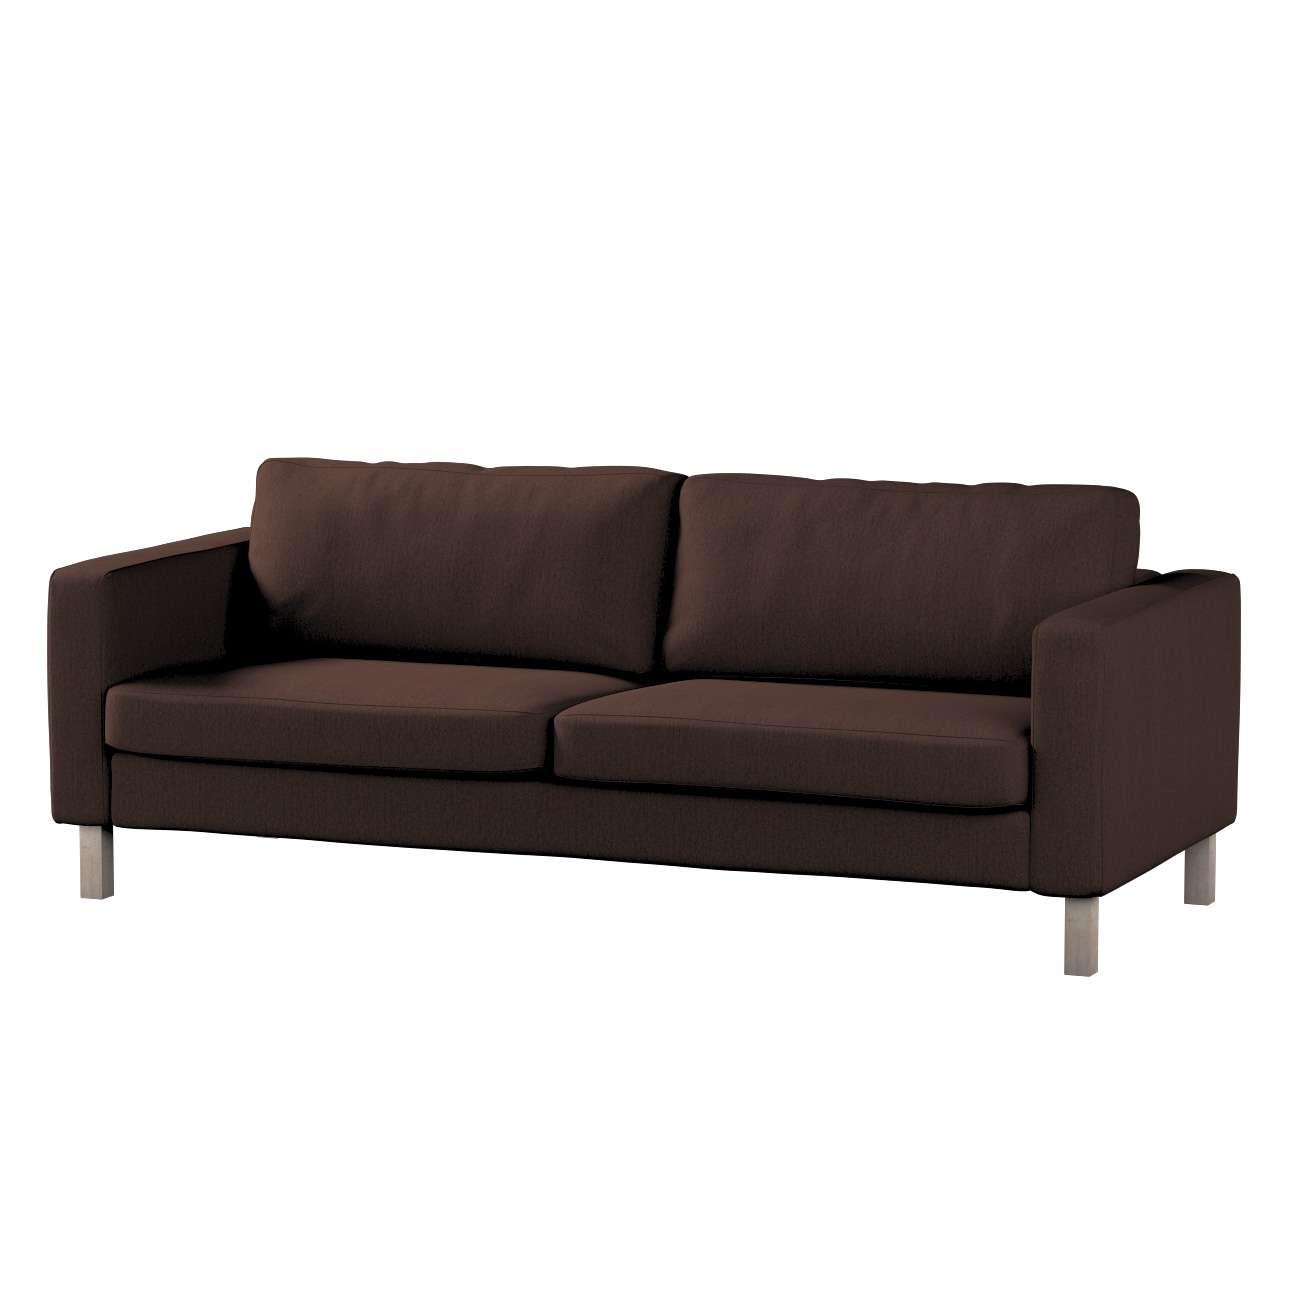 Pokrowiec na sofę Karlstad rozkładaną w kolekcji Chenille, tkanina: 702-18